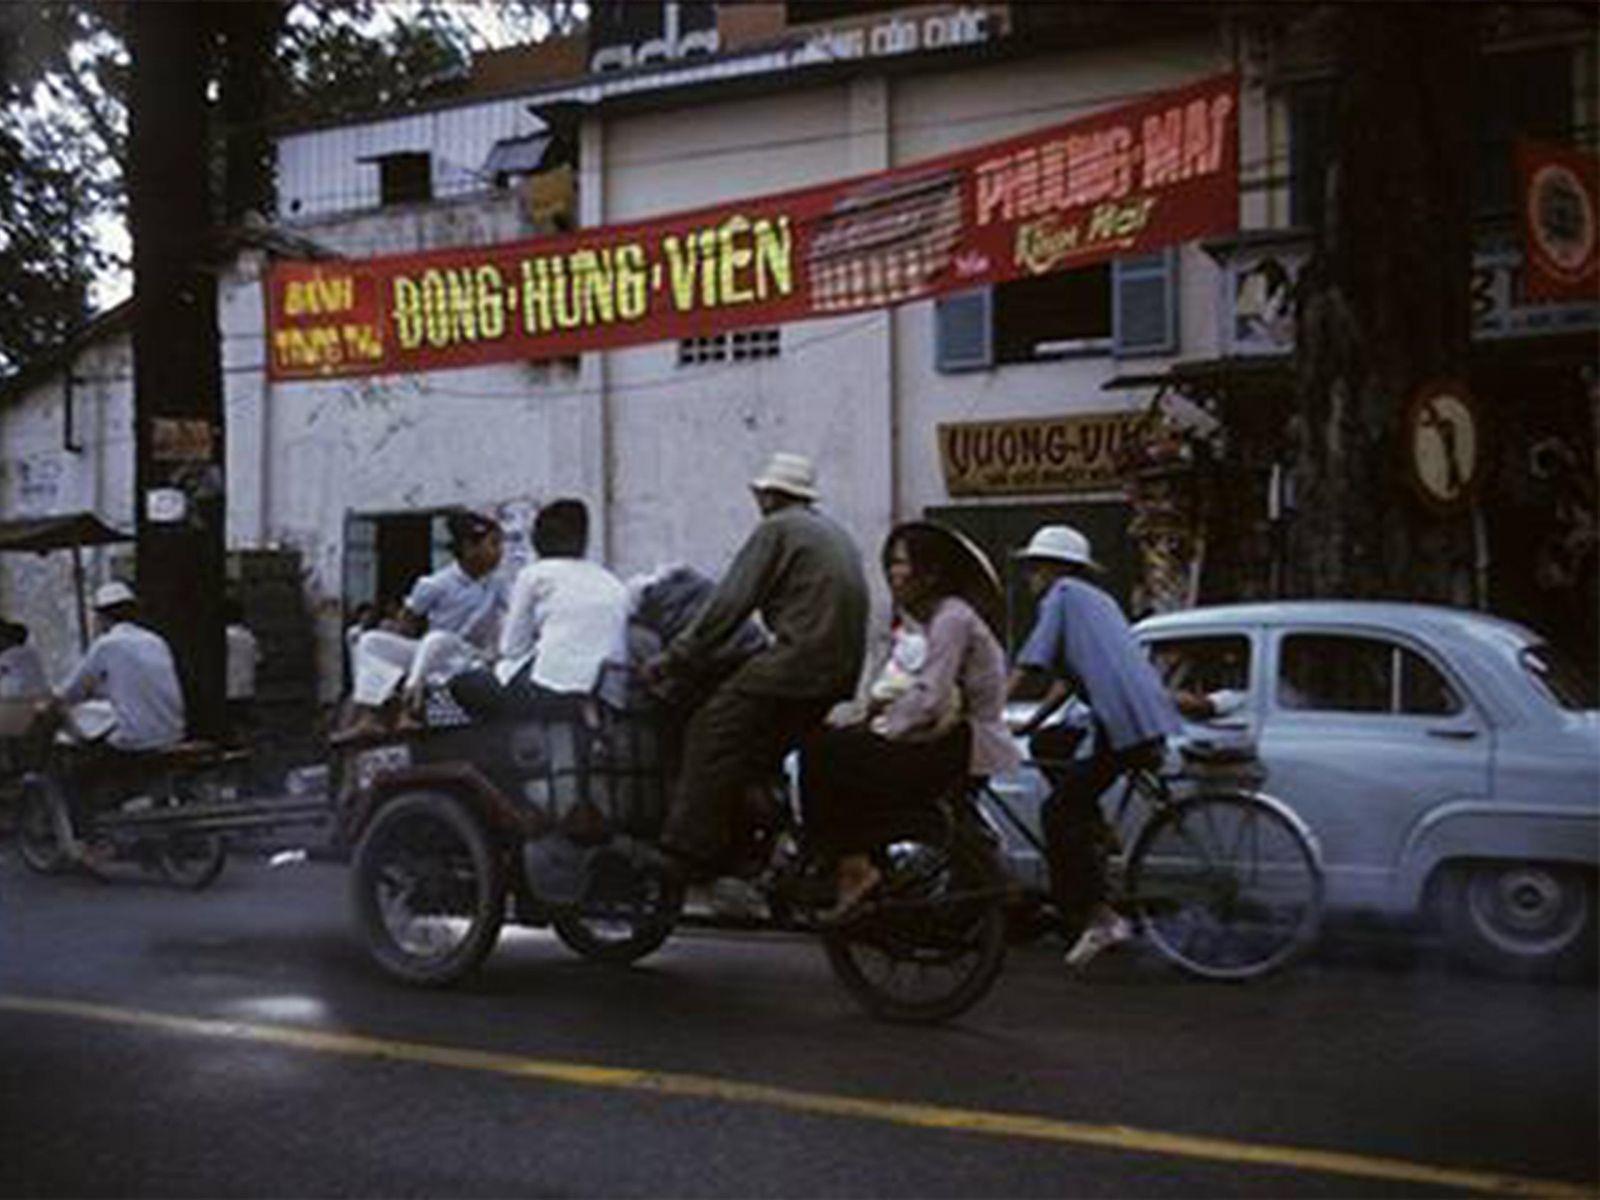 Lò Bánh Sài Gòn Lâu Đời Còn Sót Lại: Đông Hưng Viên